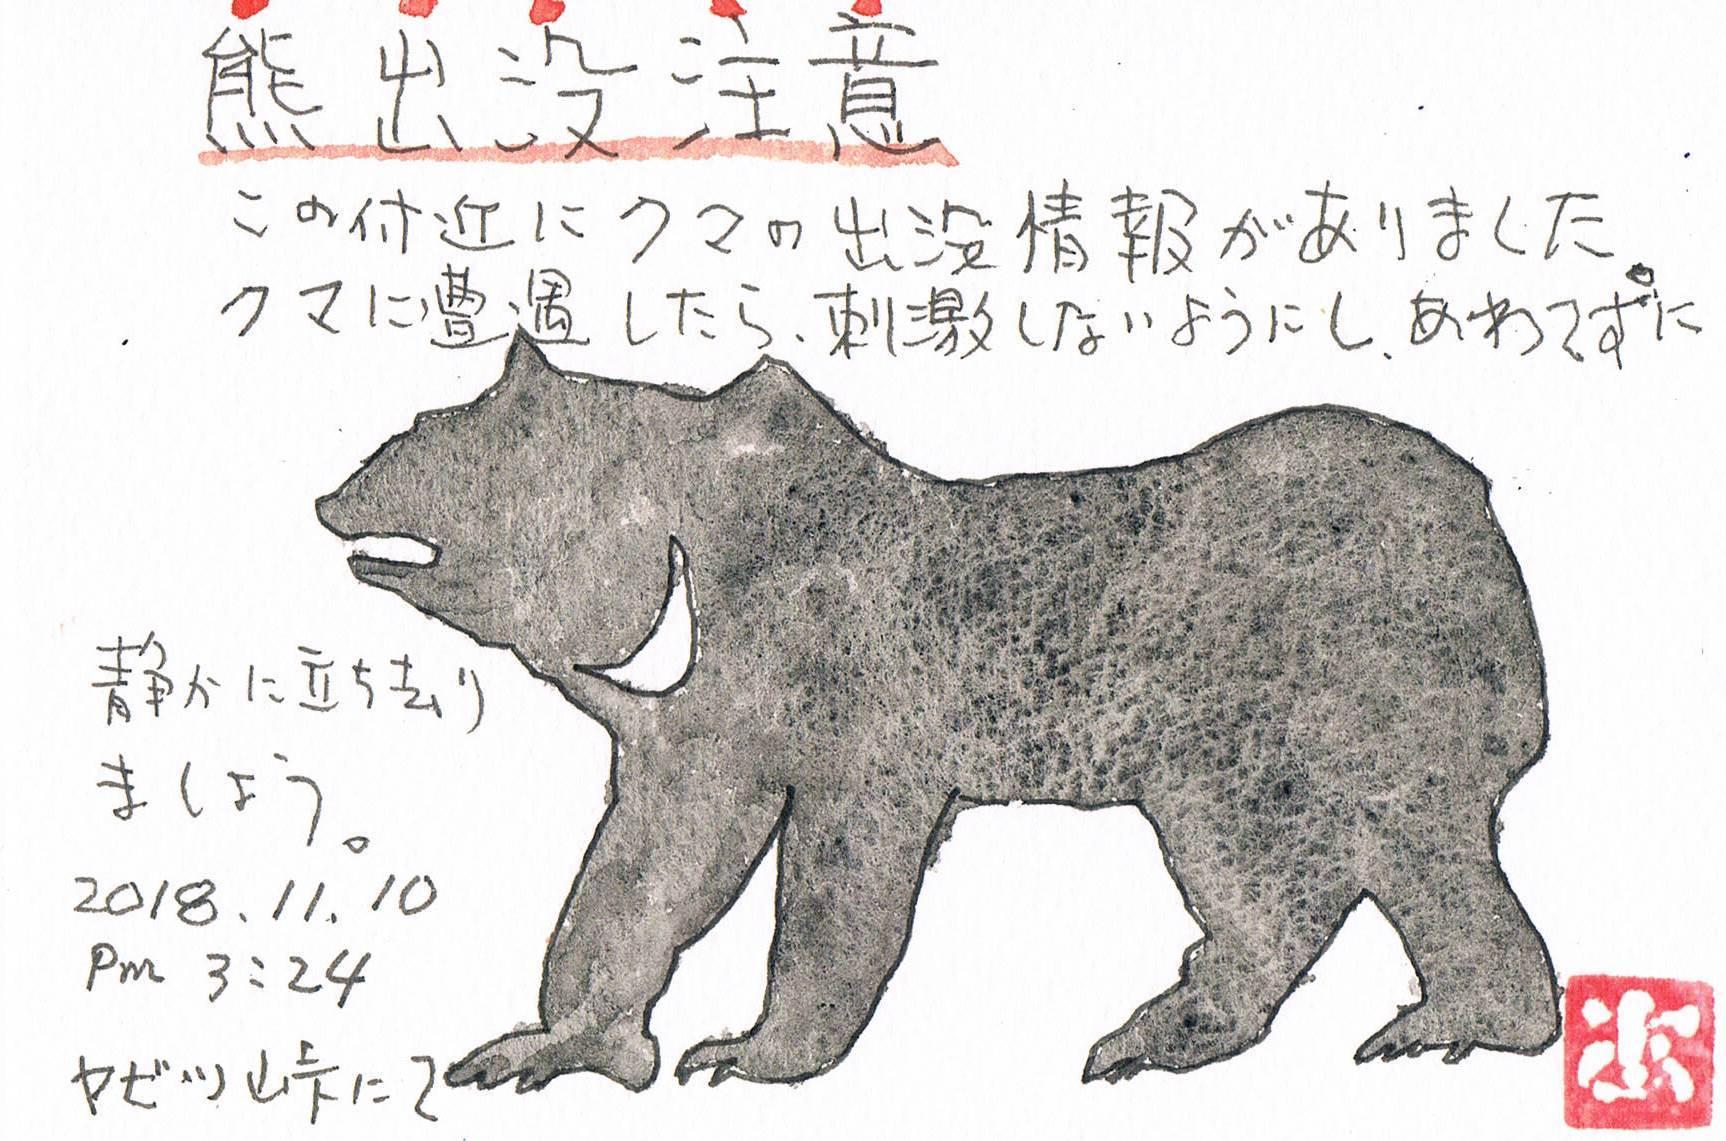 熊出没注意_e0232277_13591887.jpg